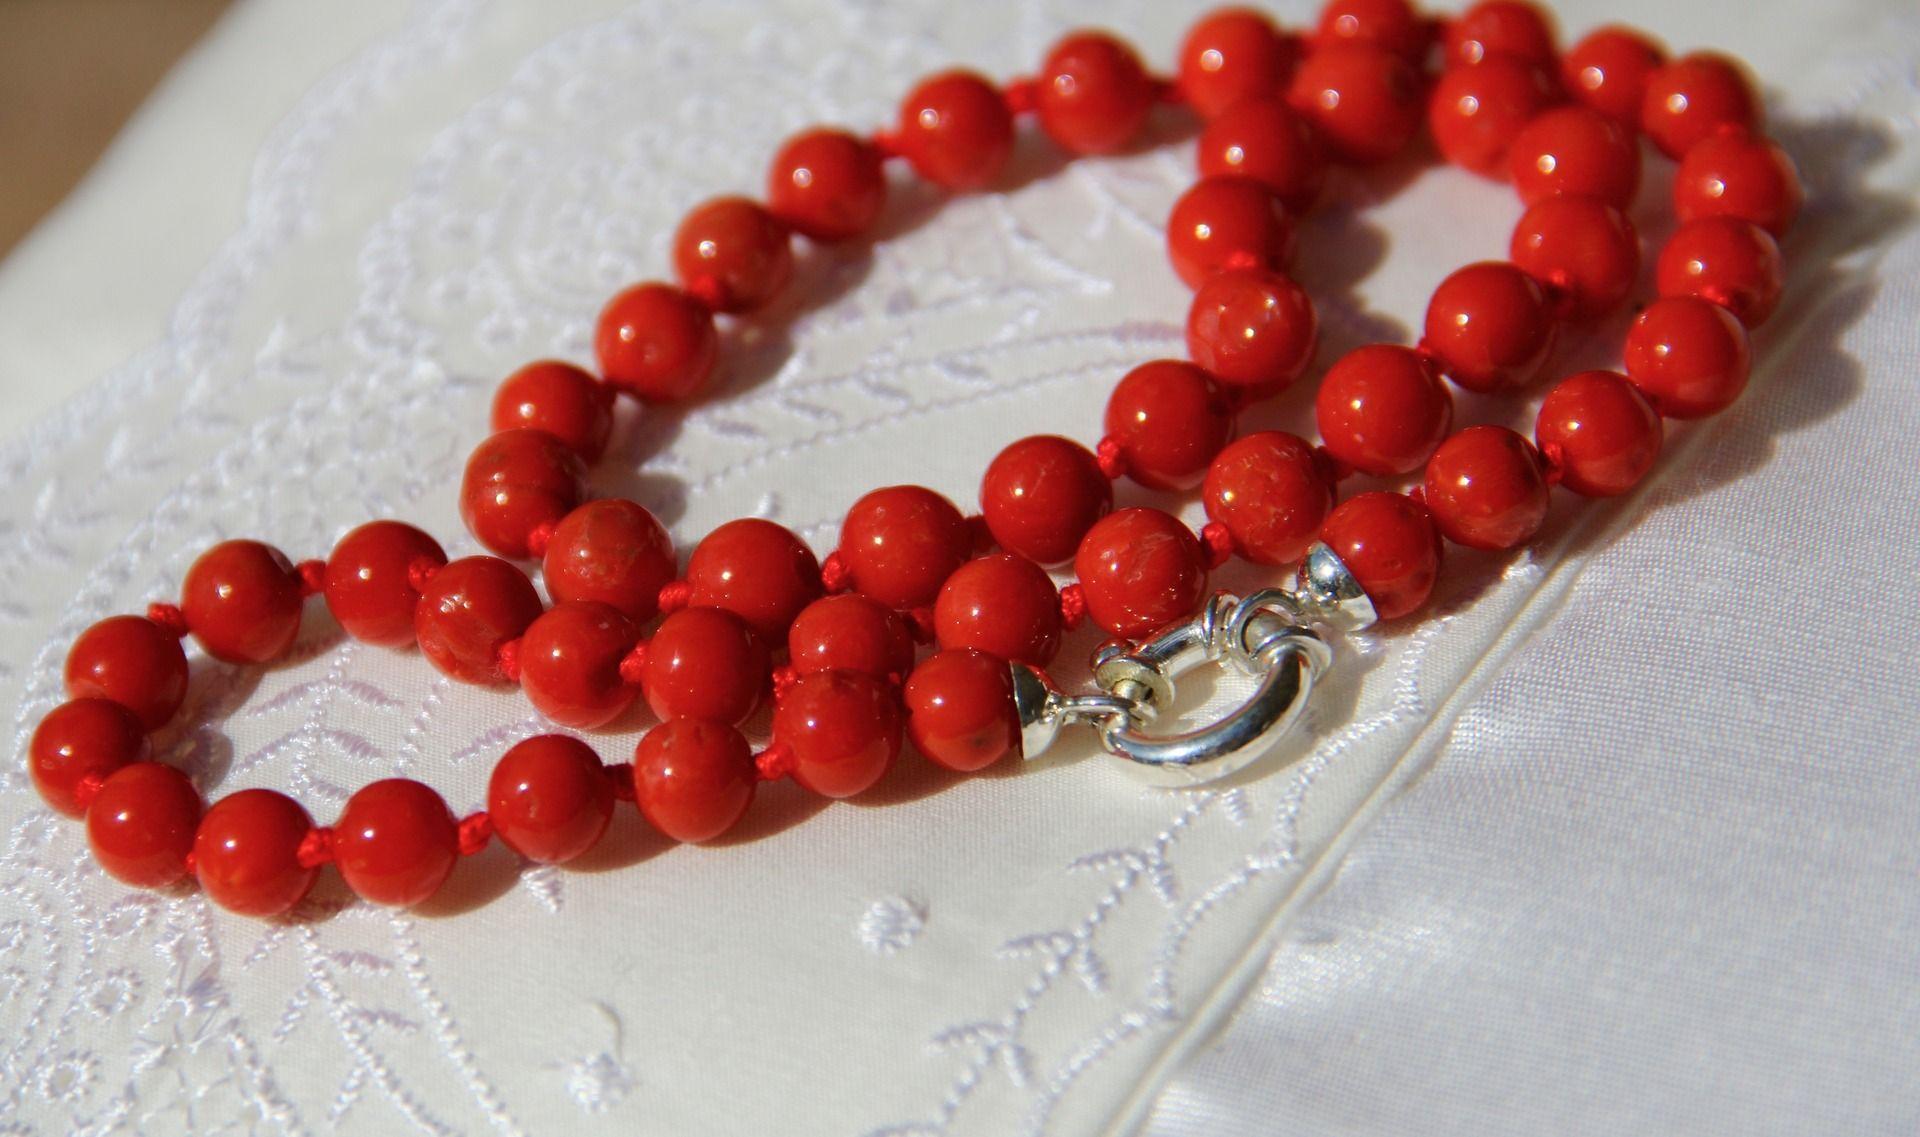 collier en corail rouge corse qualit exceptionnelle ce100 collier par les tresors de la. Black Bedroom Furniture Sets. Home Design Ideas